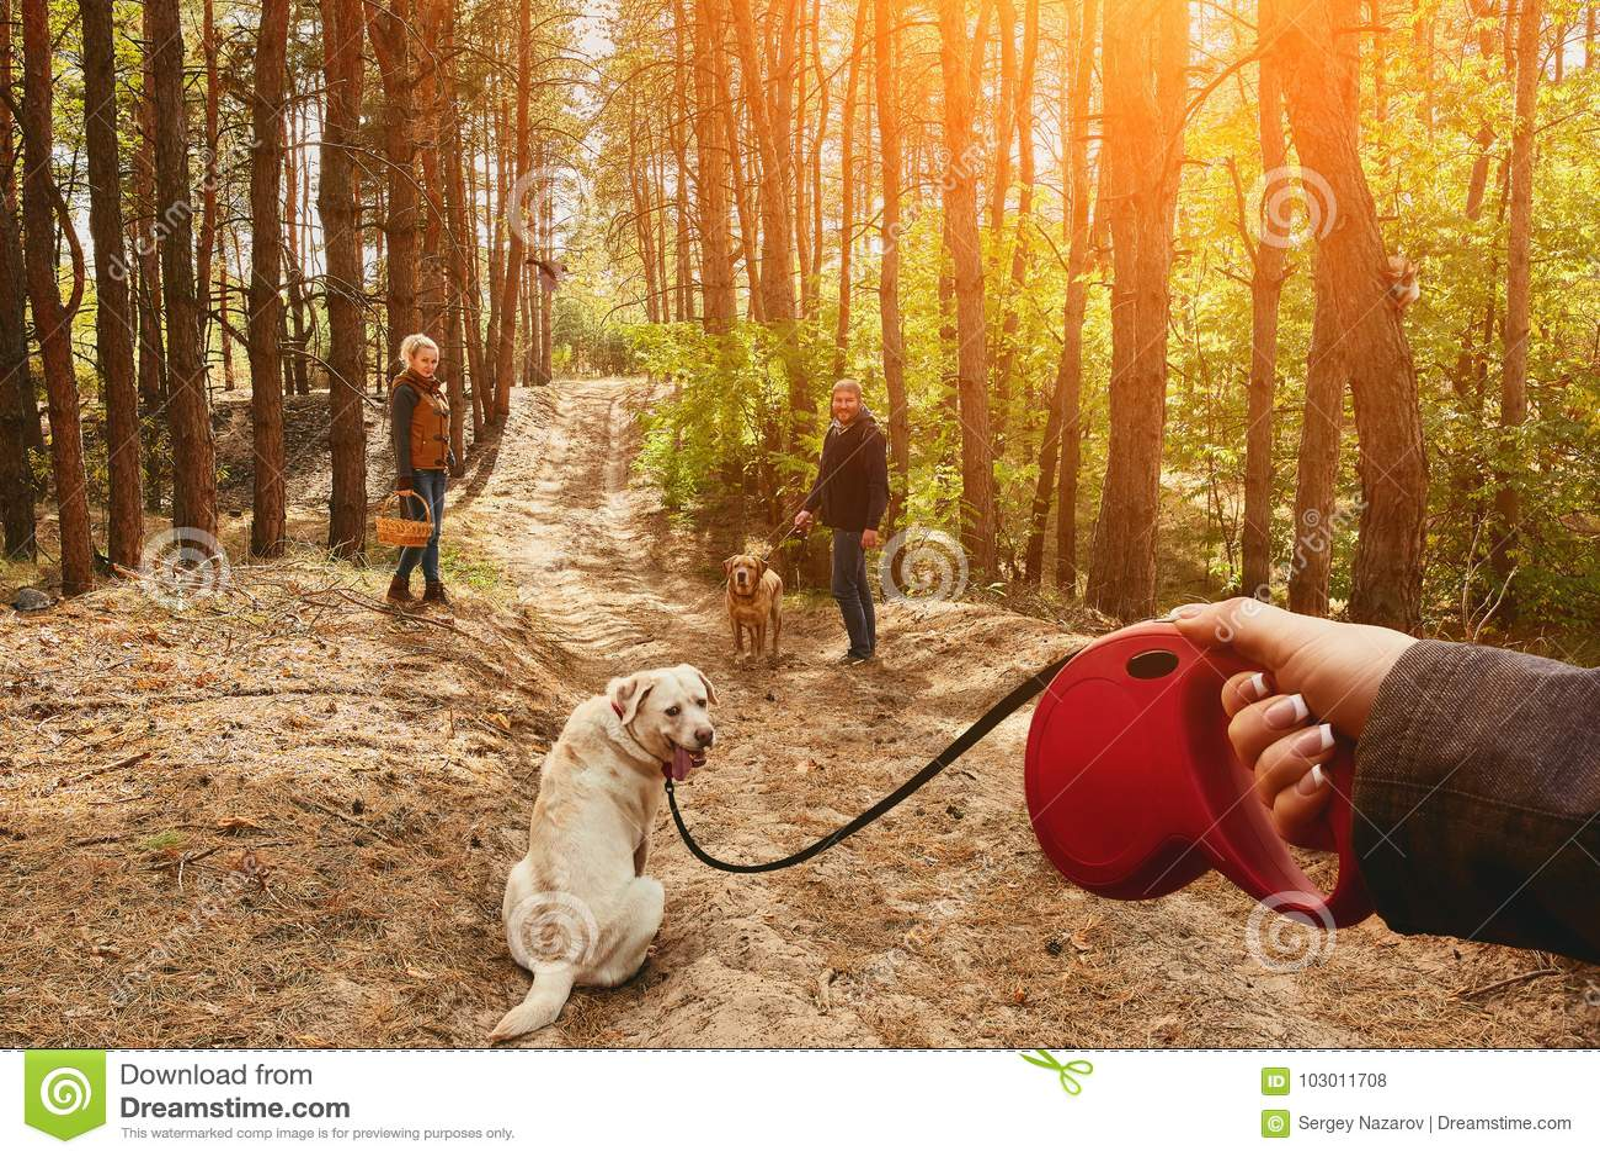 La ragazza su un guinzaglio conduce un cane di Labrador, che gira intorno e esamina la macchina fotografica